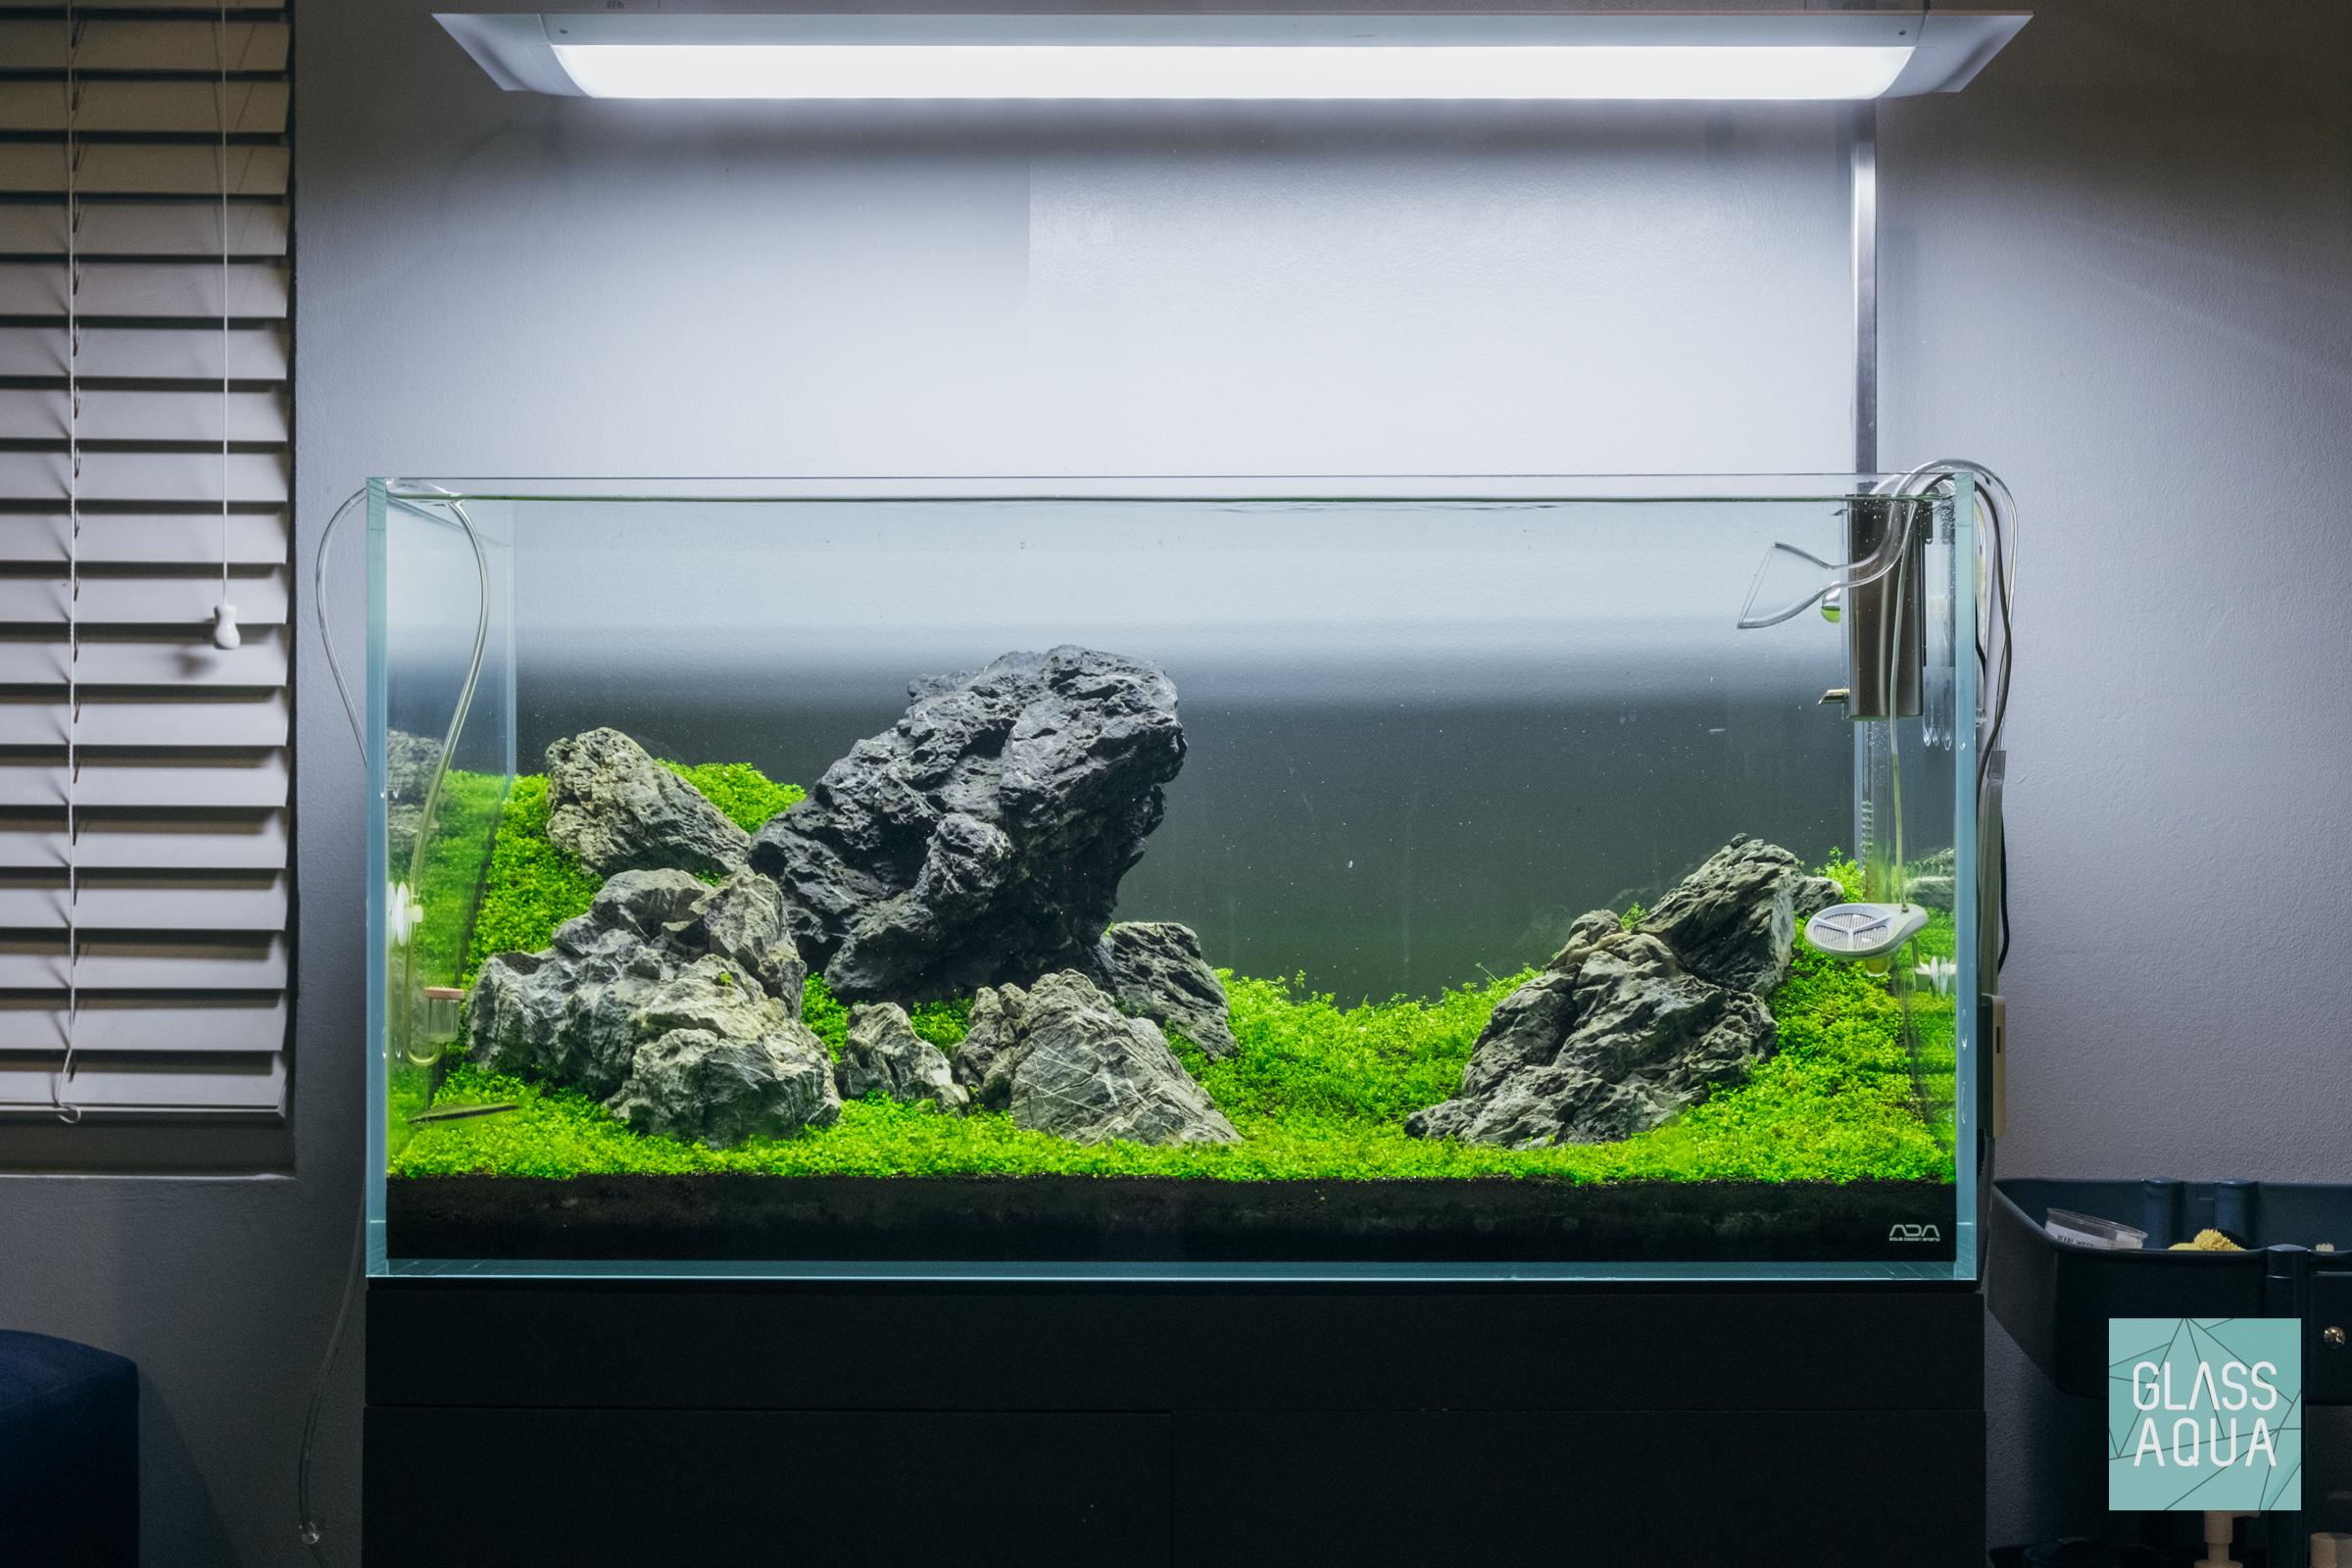 Guide To Planted Aquarium Aquascaping Rescaping And Replanting Glass Aqua